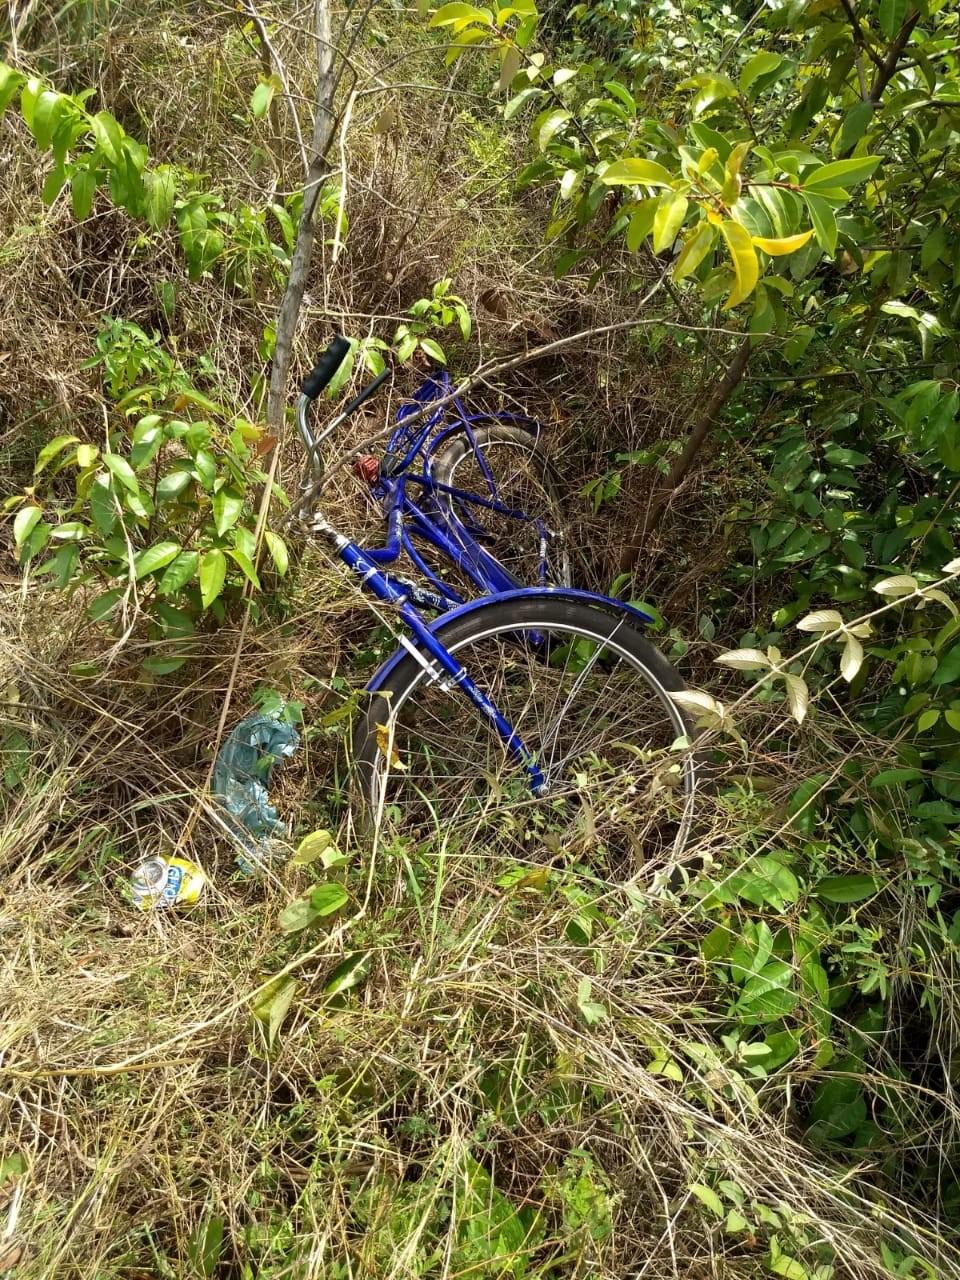 Ciclista é atropelado por veículo e morre na BR-402 no Maranhão - Notícias - Plantão Diário